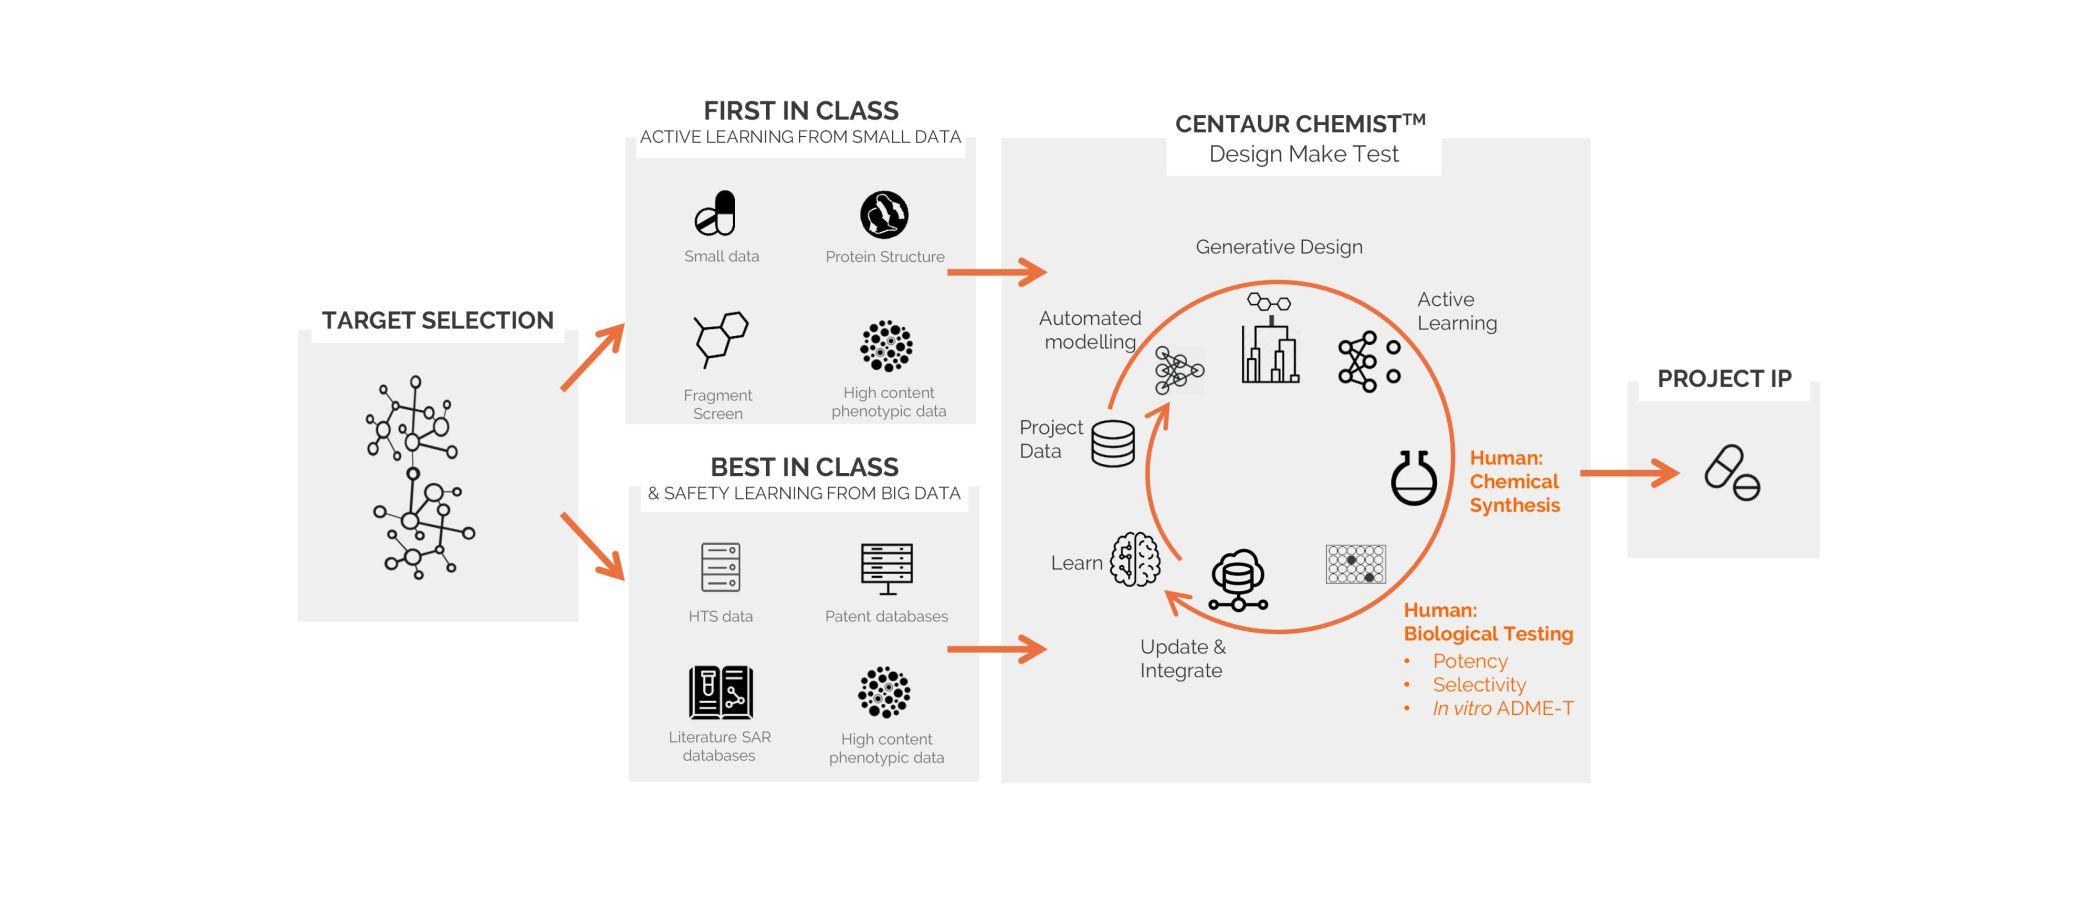 Drug development process through AI